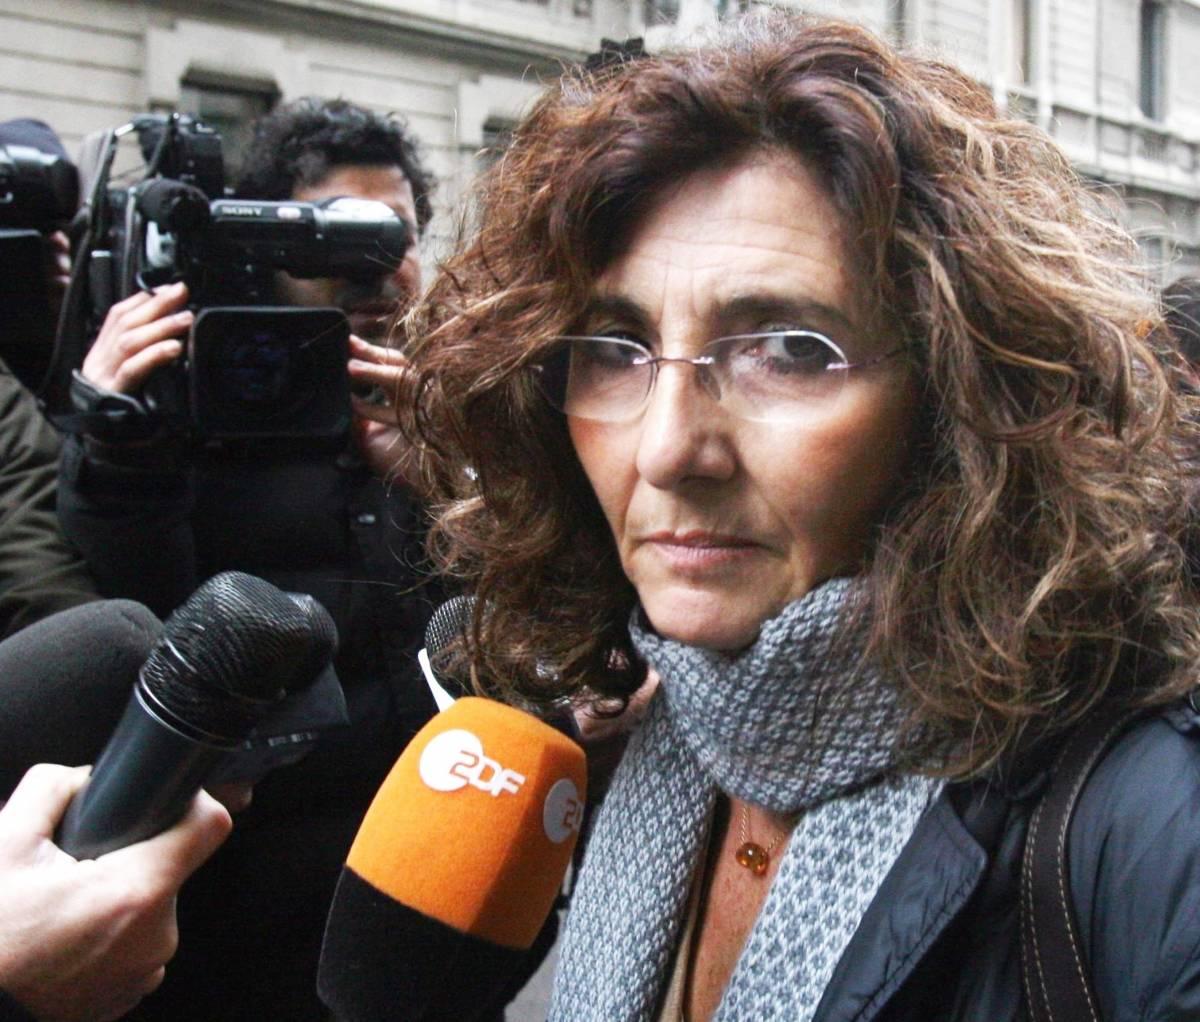 Ruby, la Cassazione chiede di confermare la censura per la pm dei minori Fiorillo